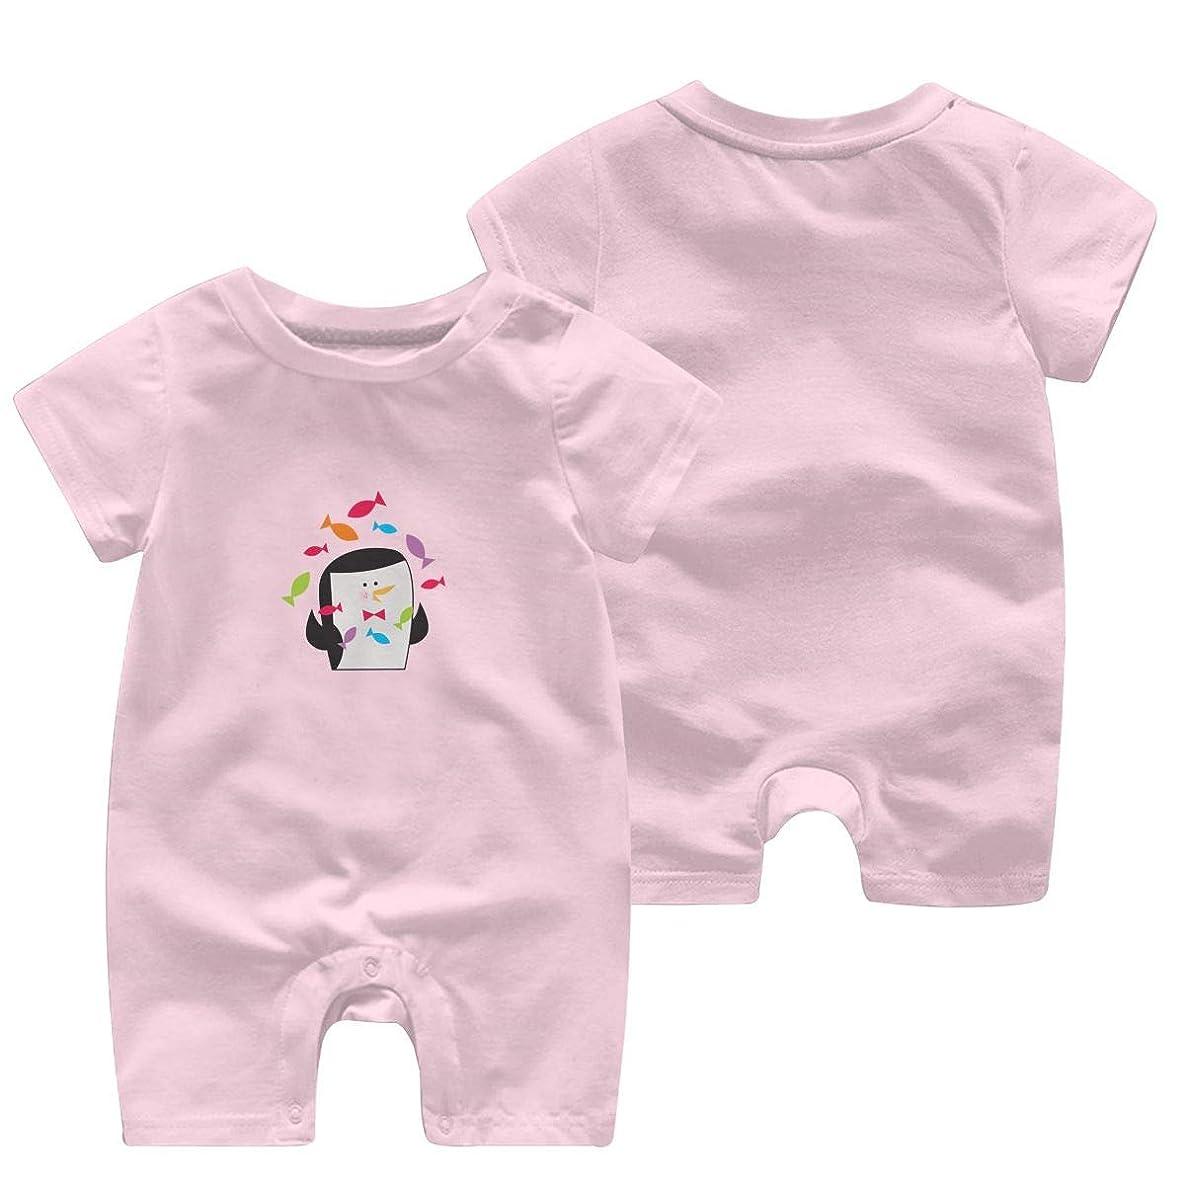 ミュージカルオーラル式かわいいペンギン ベビー服 肌着 新生児 ロンパース 夏 半袖 ジャンプスーツ ベビー 服 前開き 赤ちゃん ロンパースジャンプスーツ 男女兼用 Tシャツ 100%綿製 柔らかい (0-24m)